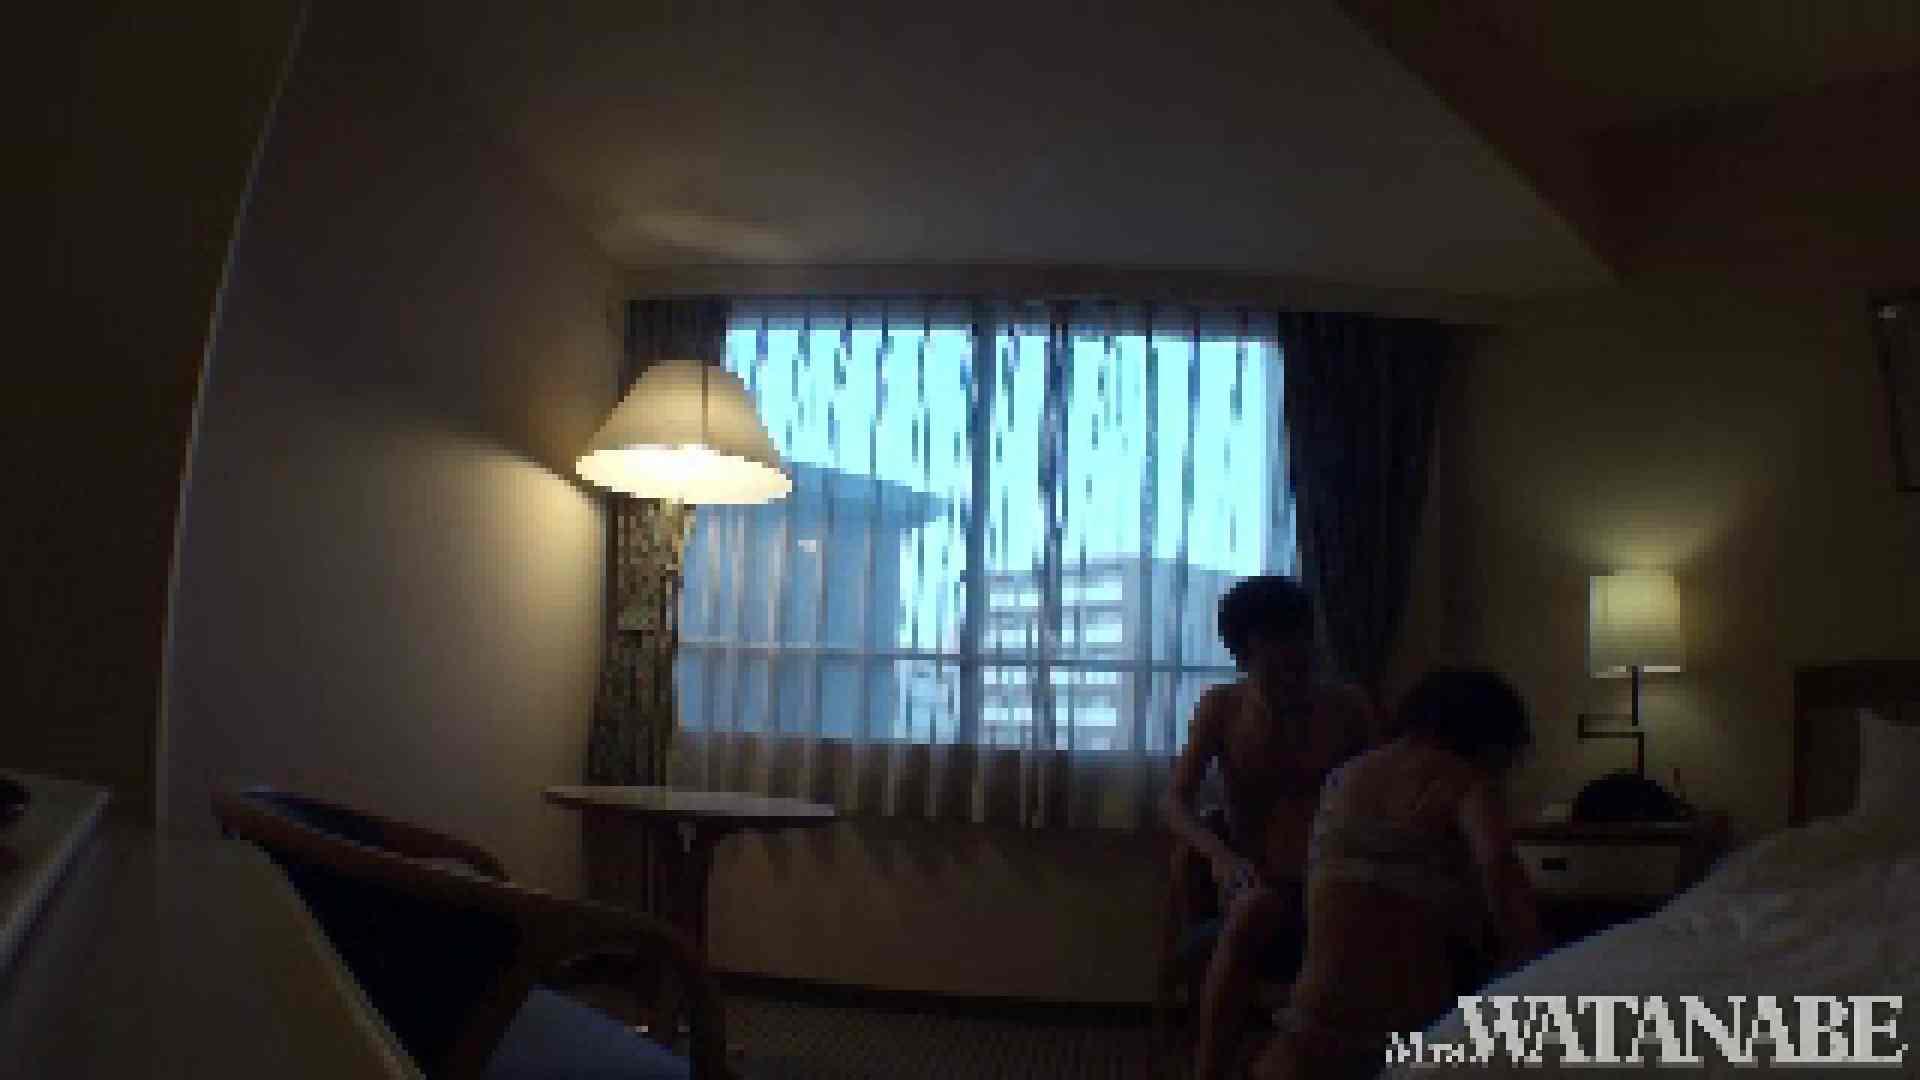 撮影スタッフを誘惑する痴熟女 かおり40歳 Vol.03 OLのエロ生活   熟女のエロ生活  74連発 21